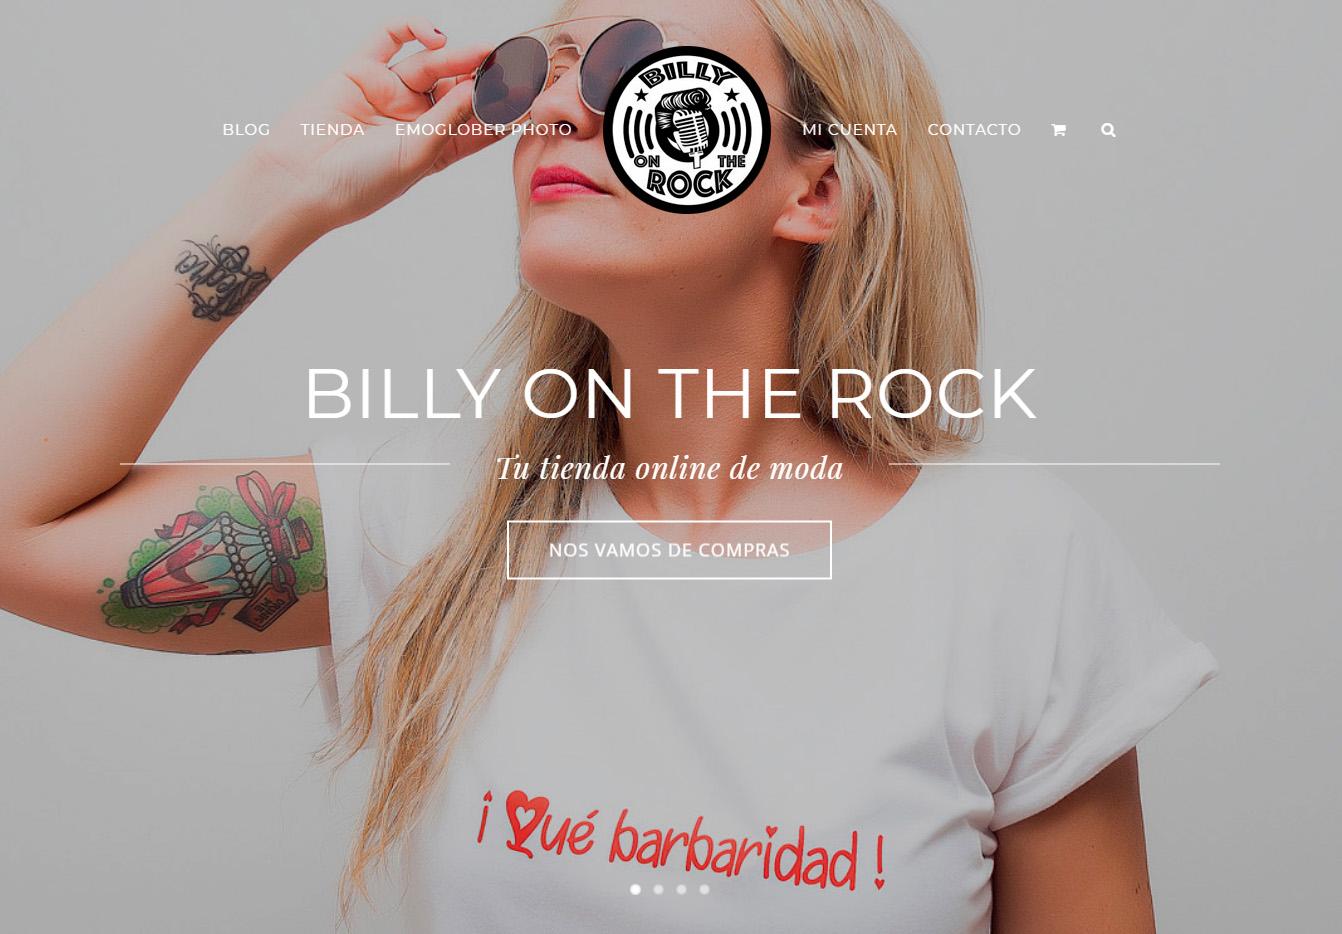 BillyOnTheRock